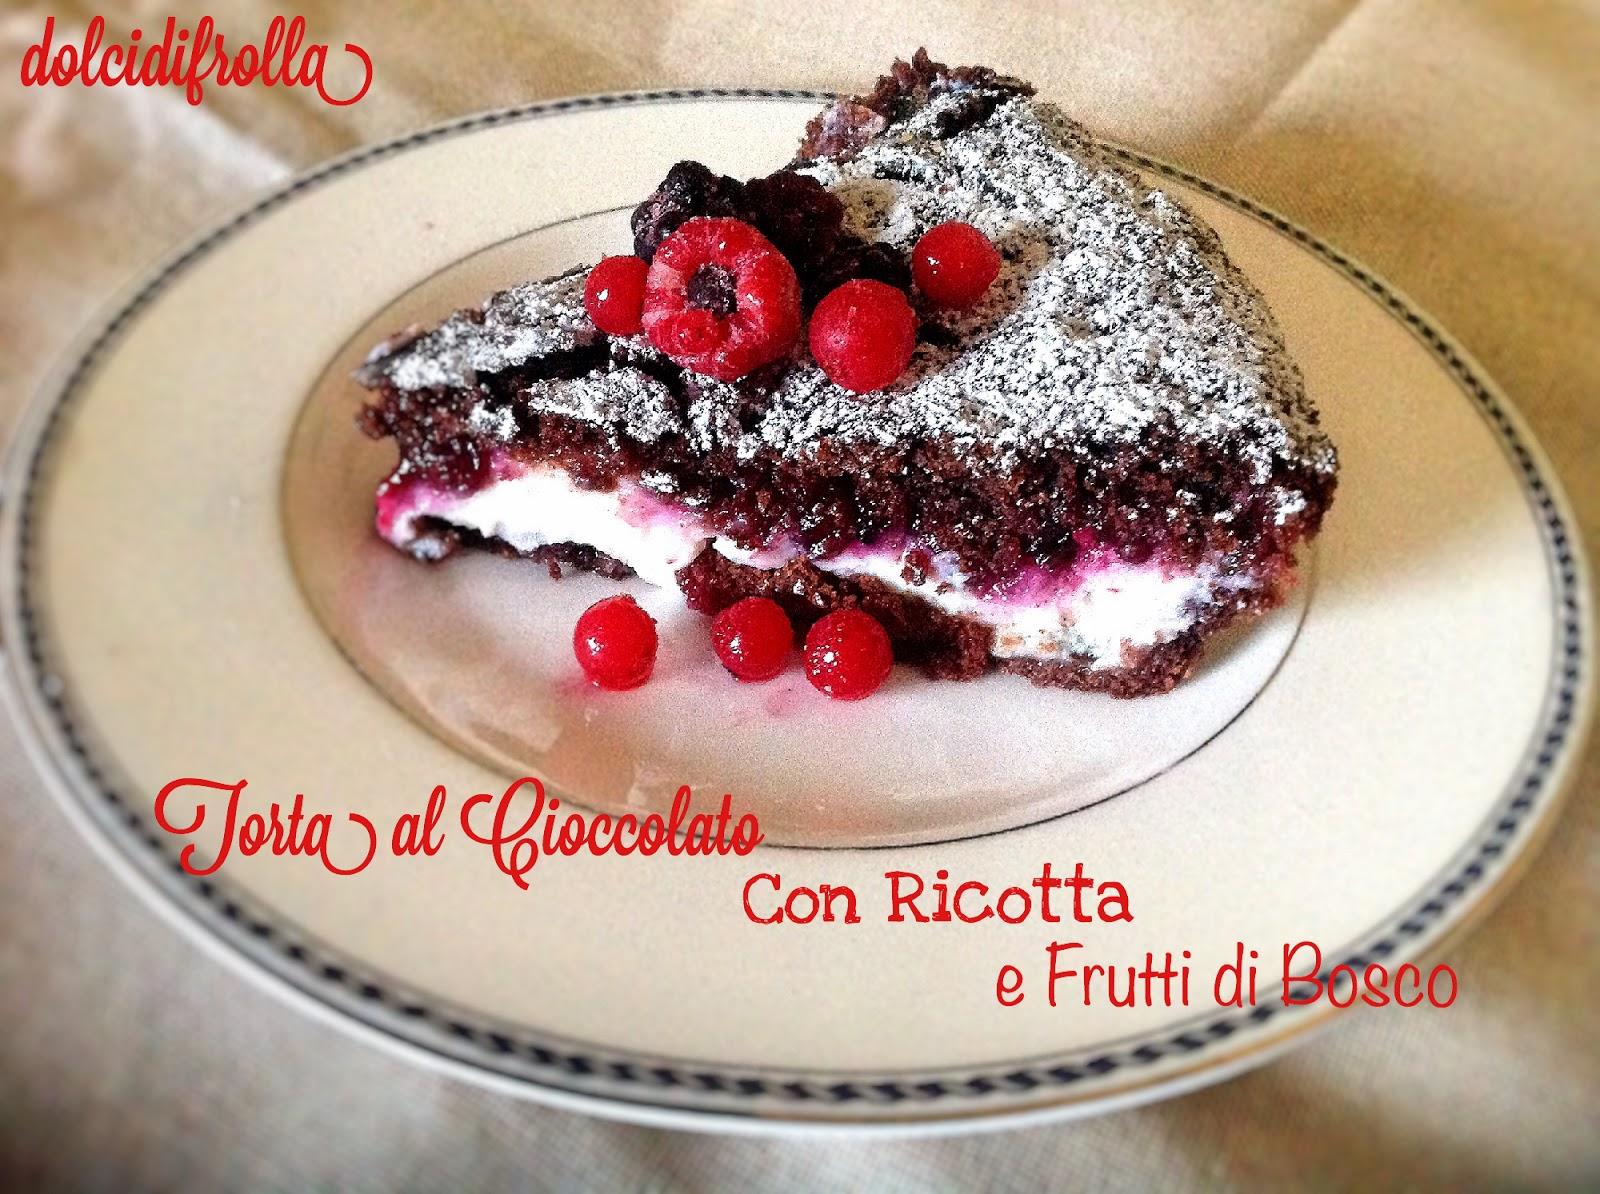 Torta al Cioccolato con ricotta e Frutti di bosco